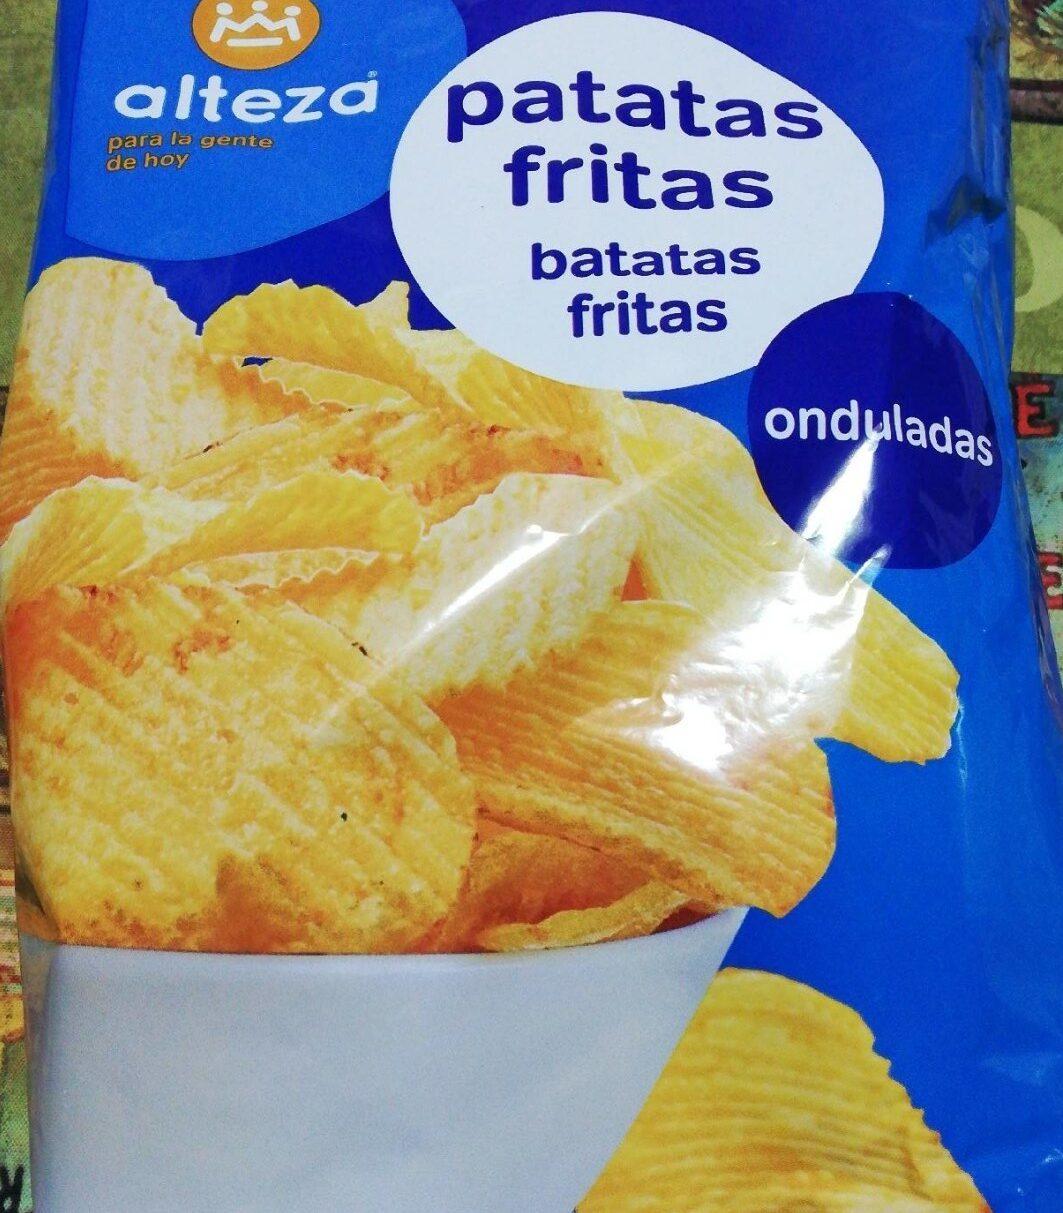 Patatas fritas - Producto - es